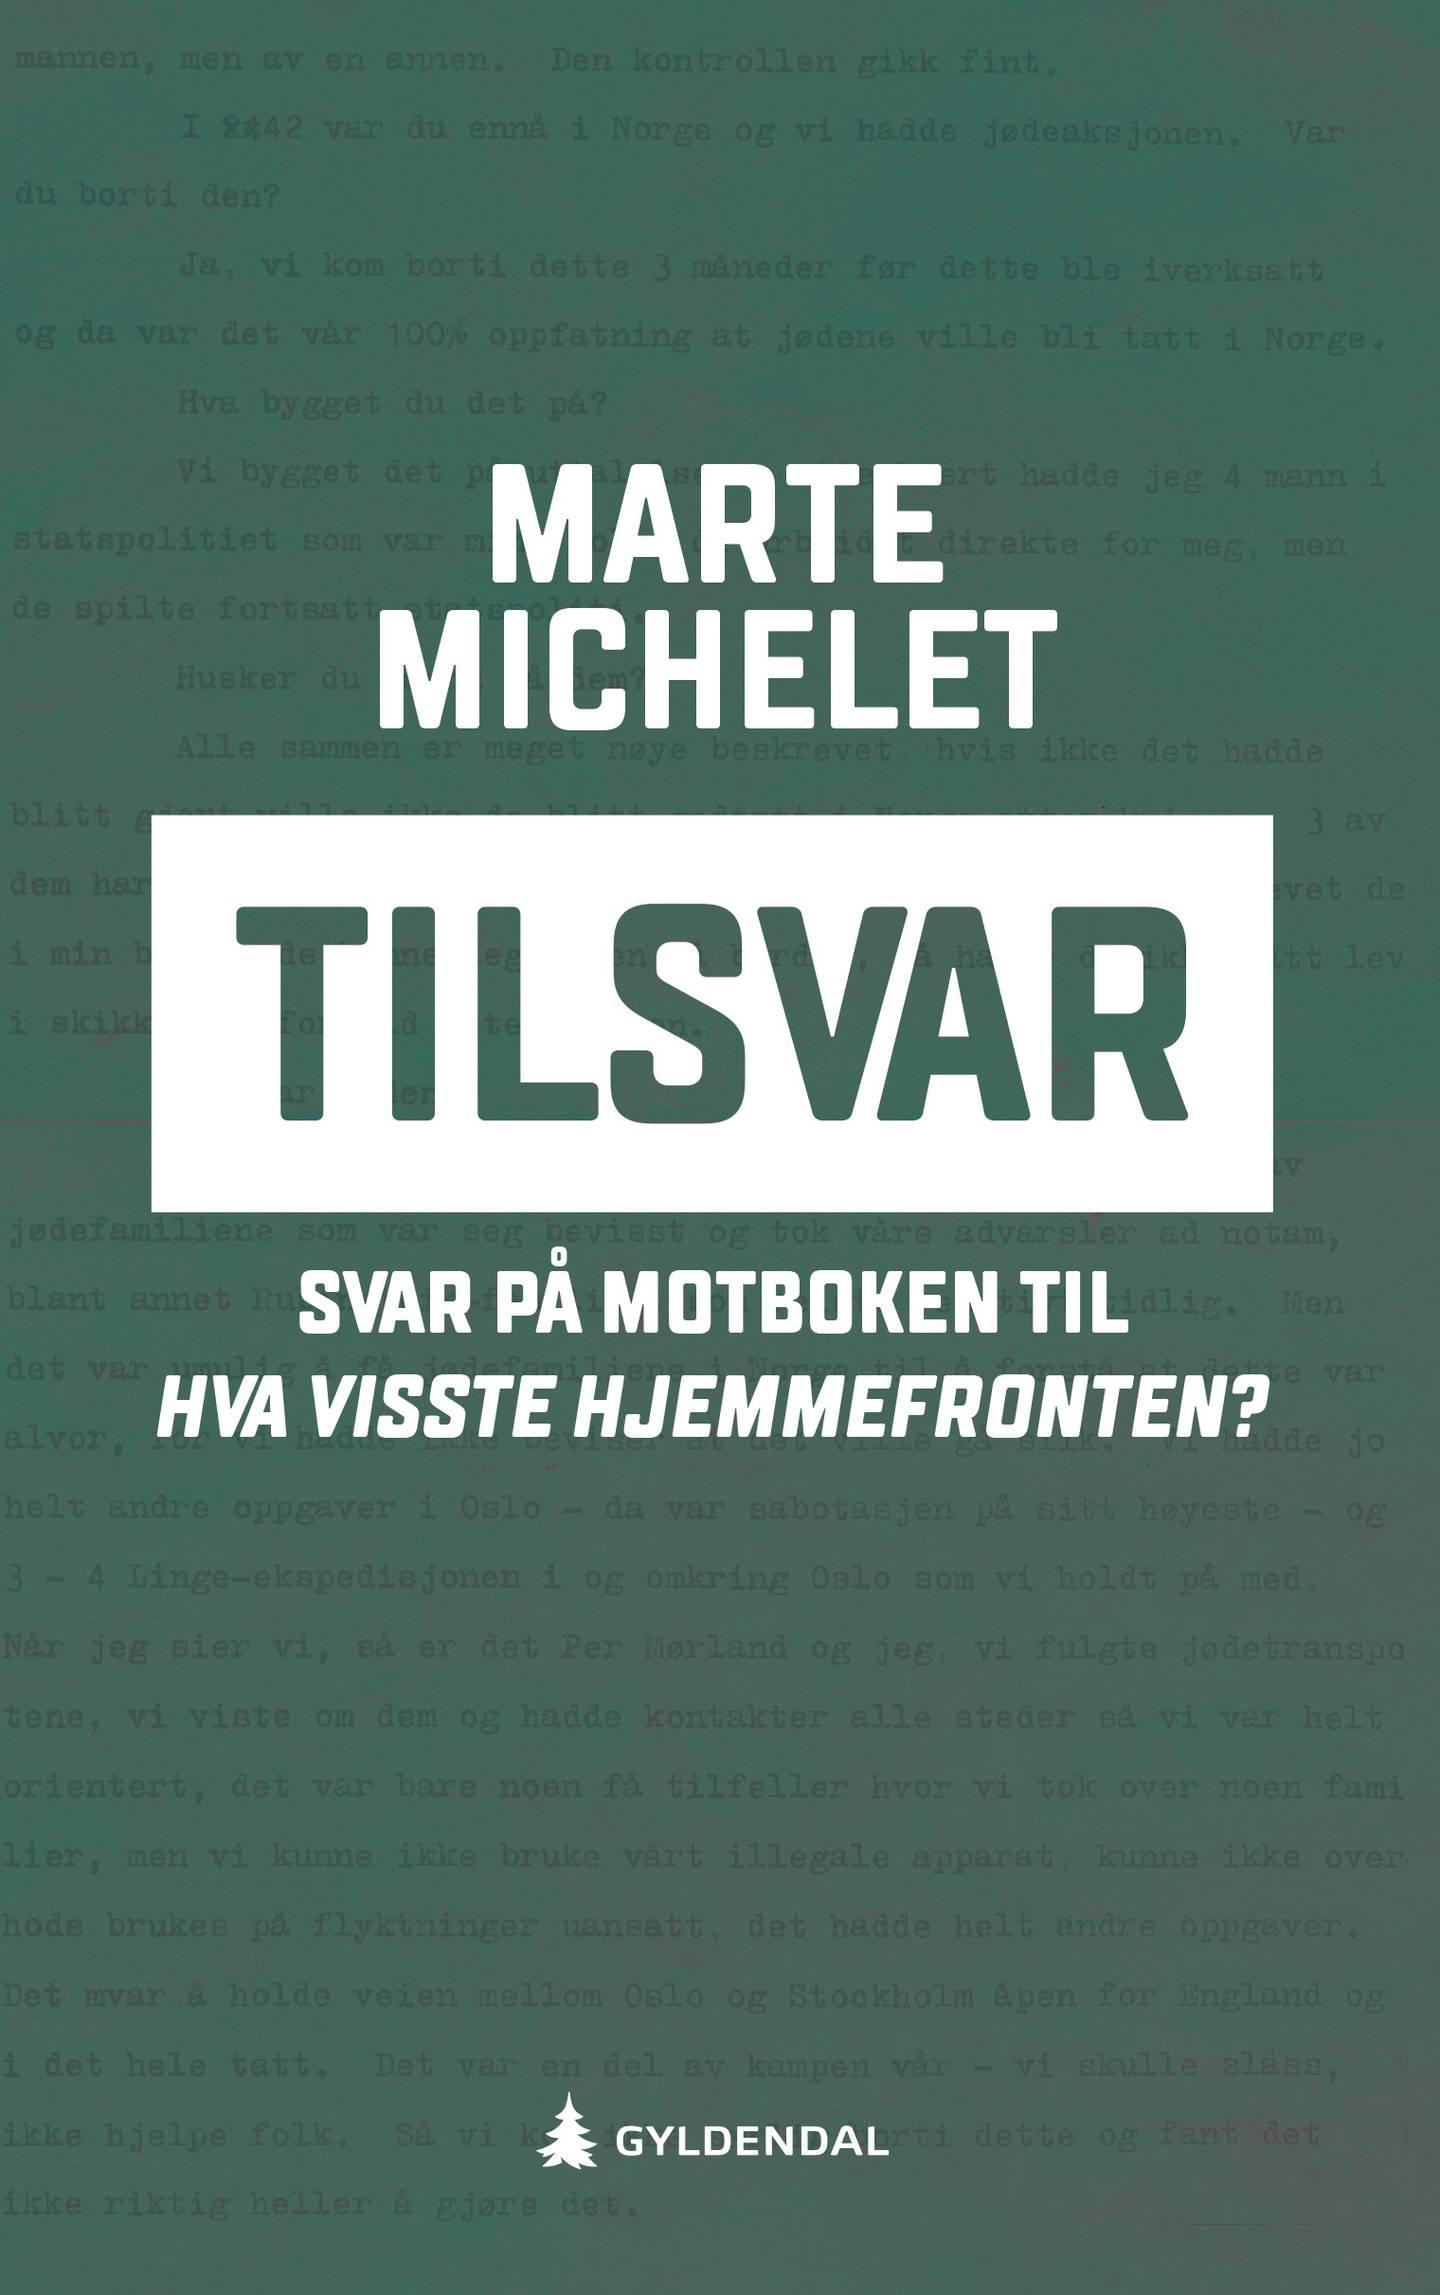 Omslaget på Marte Michelet: «Tilsvar. Svar på motboken til 'Hva visste hjemmefronten'»